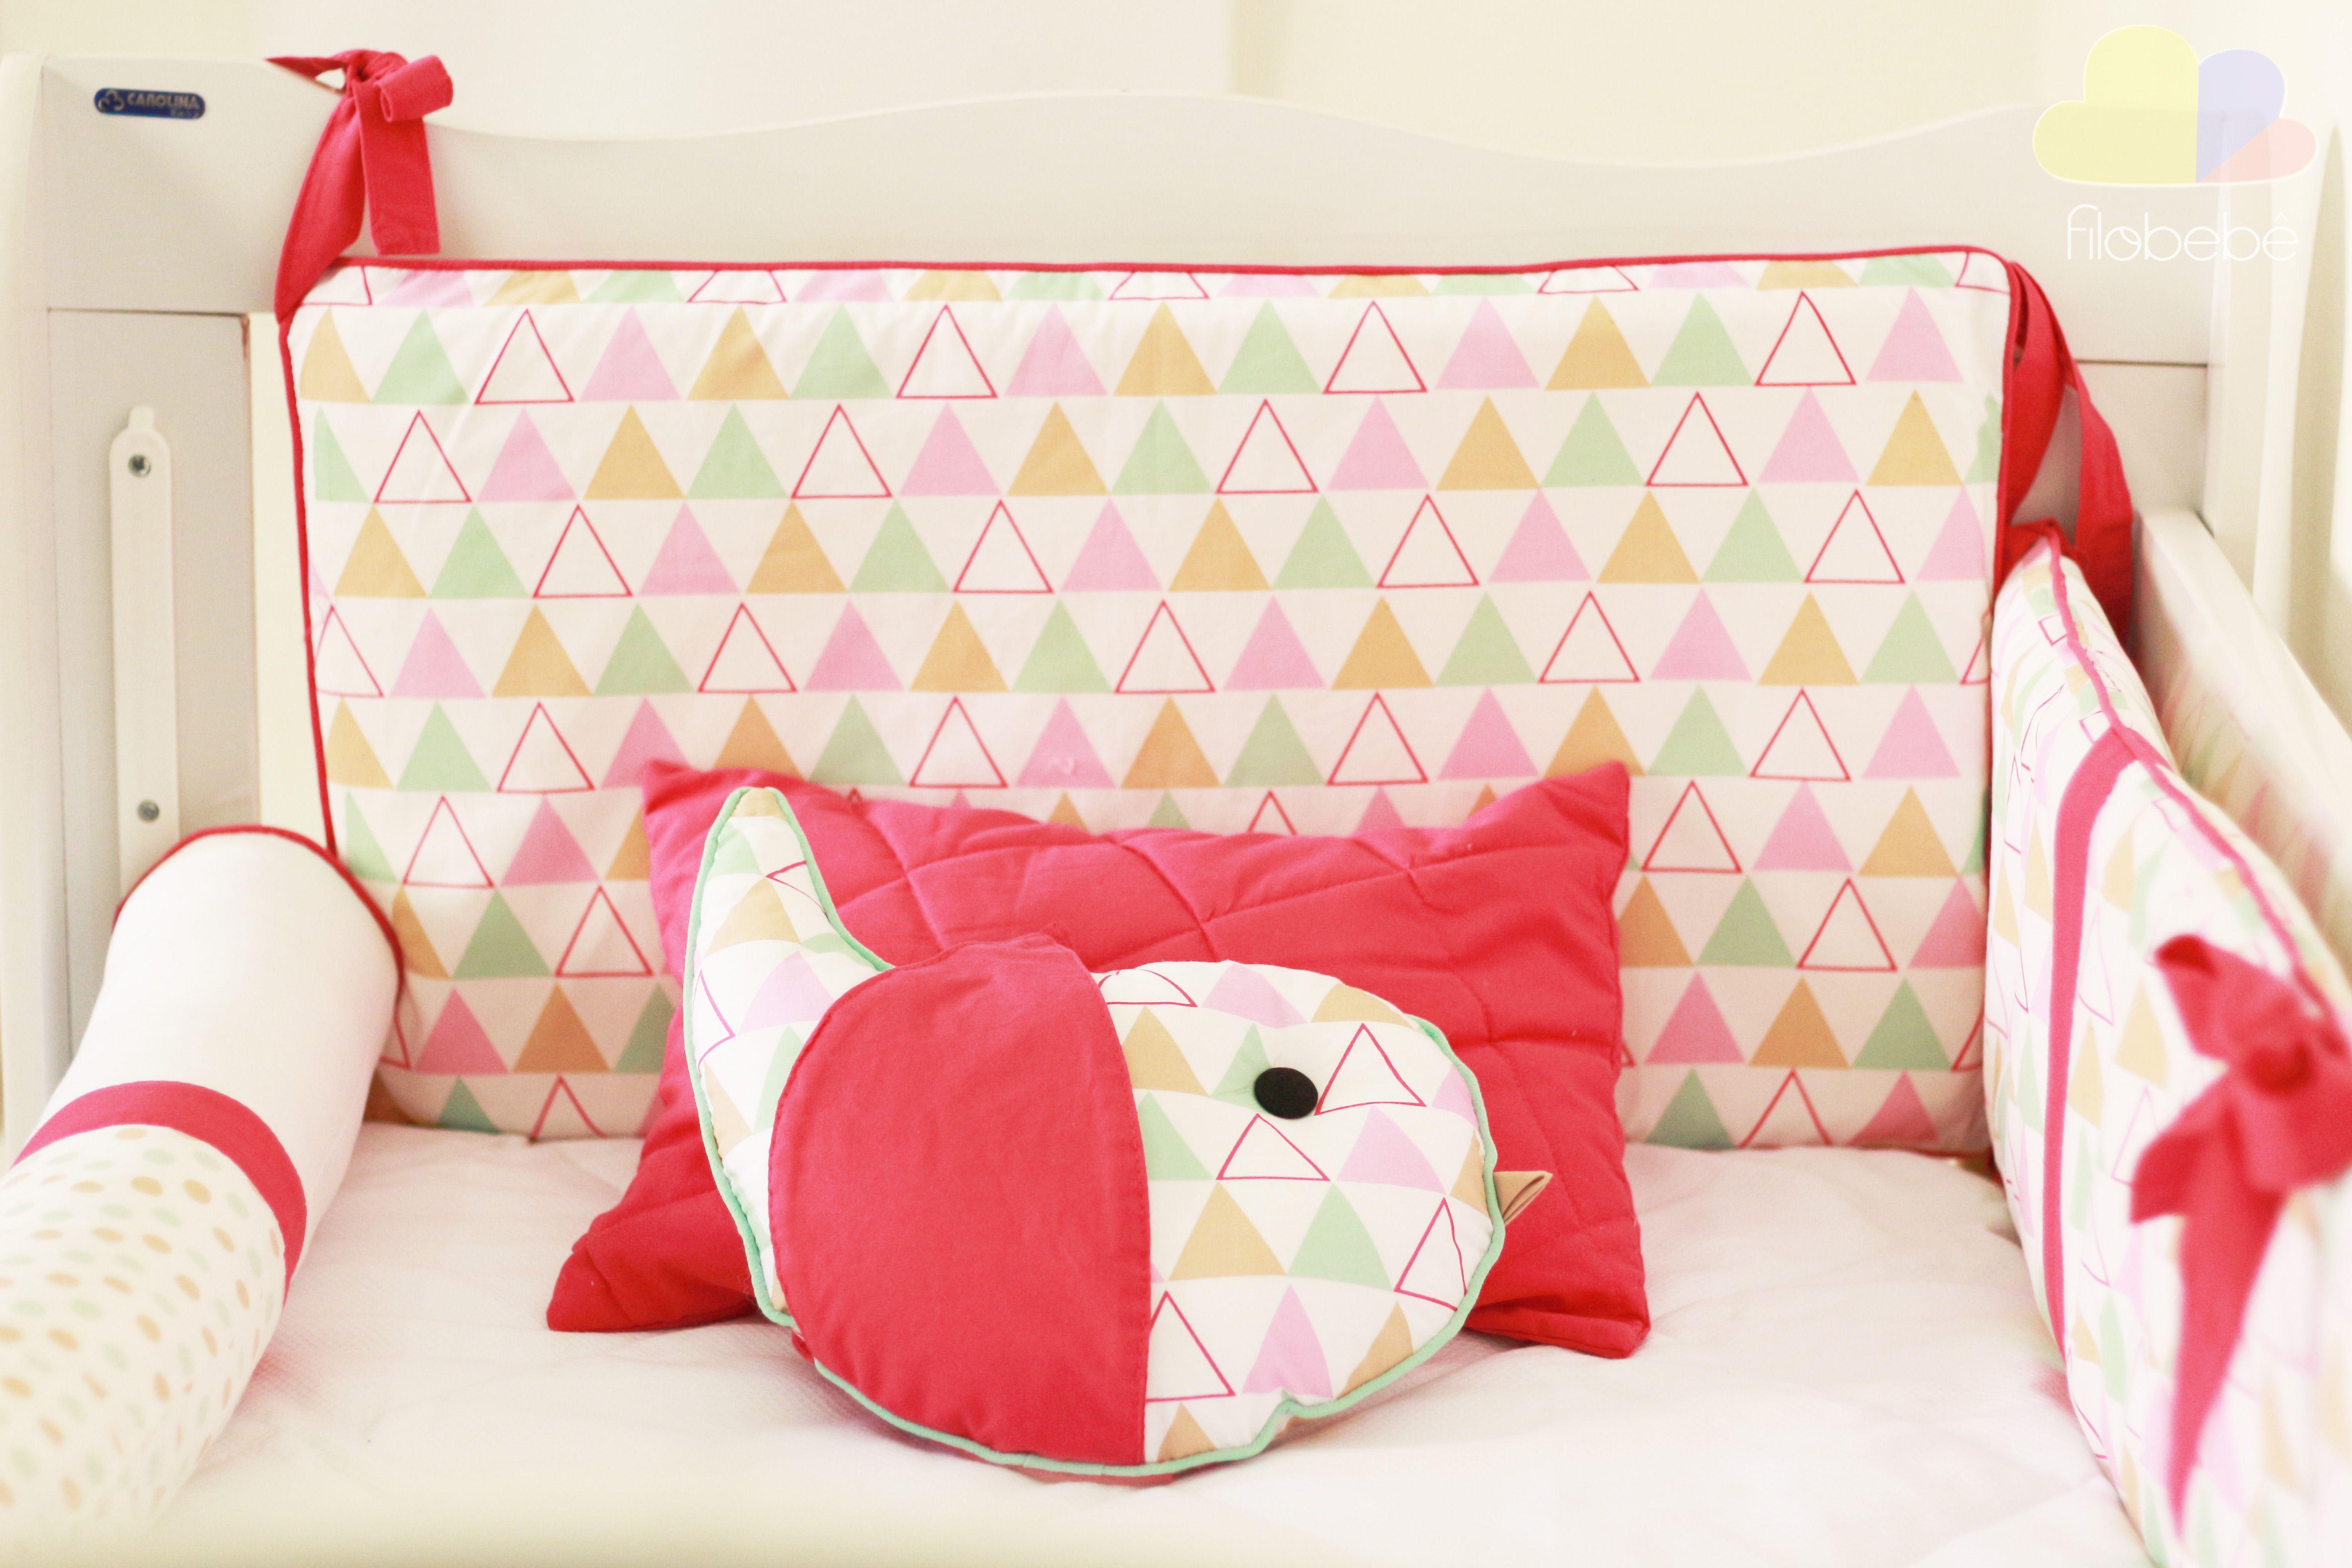 Crib pillows babies -  Enxoval Enxovaldebebe Baby Beb Decora O Quartodebeb Pillow Cribs